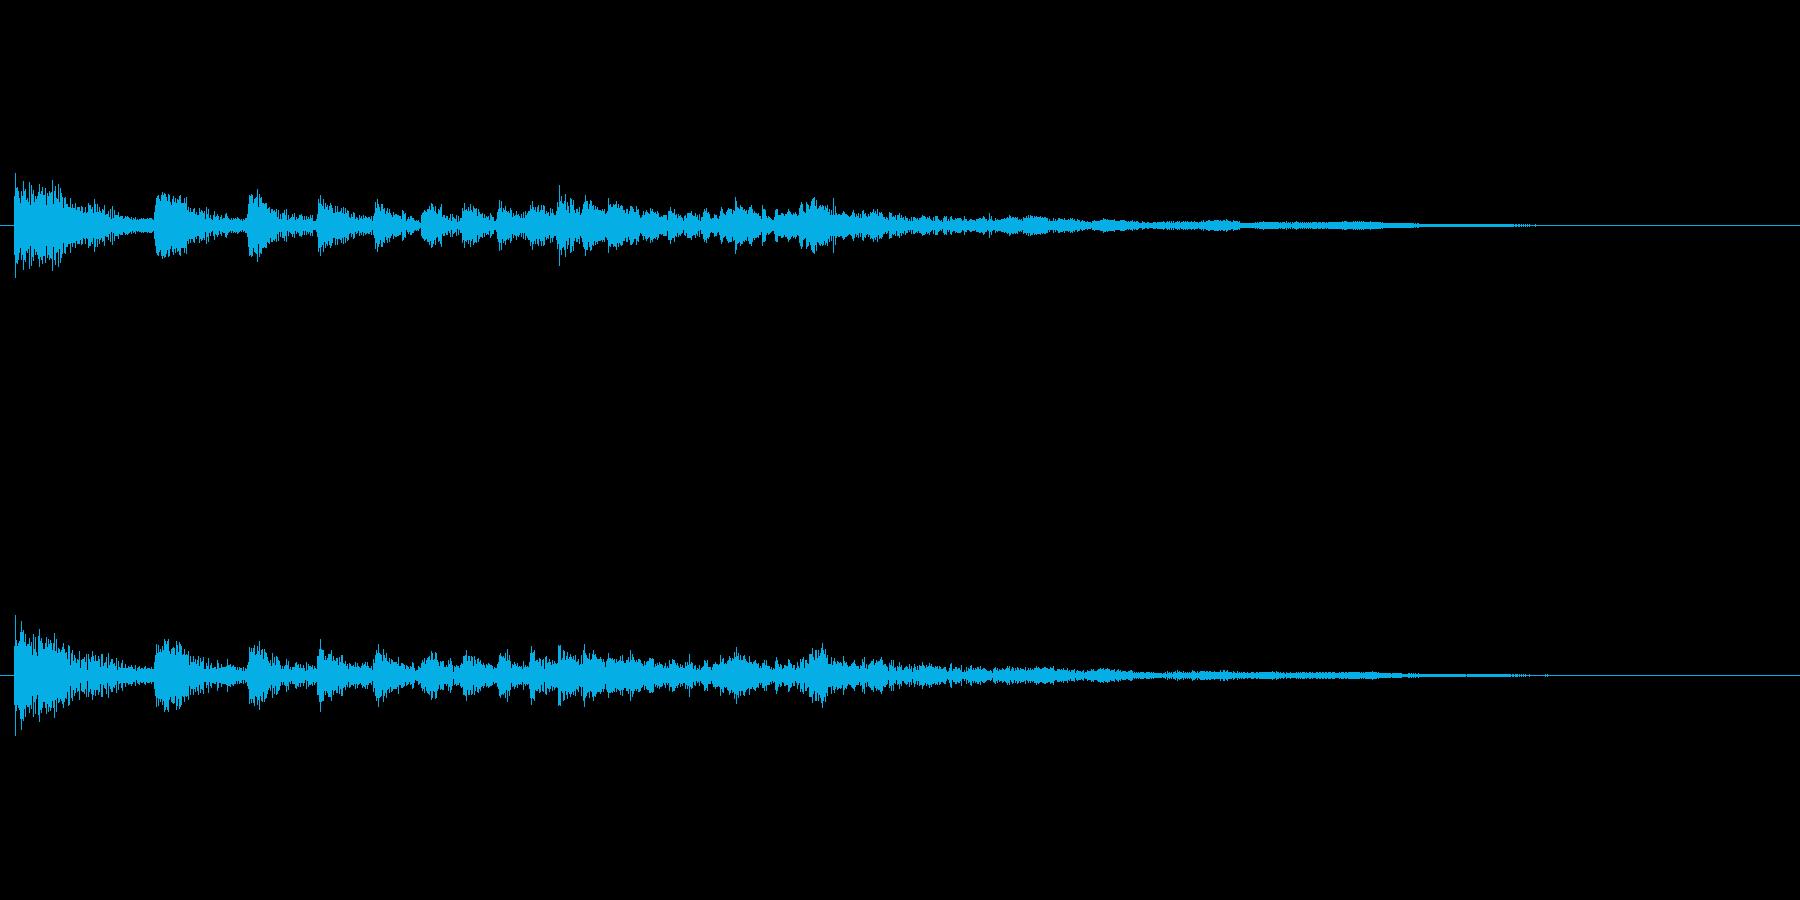 ゲーム時に何かが転がってくる音の再生済みの波形